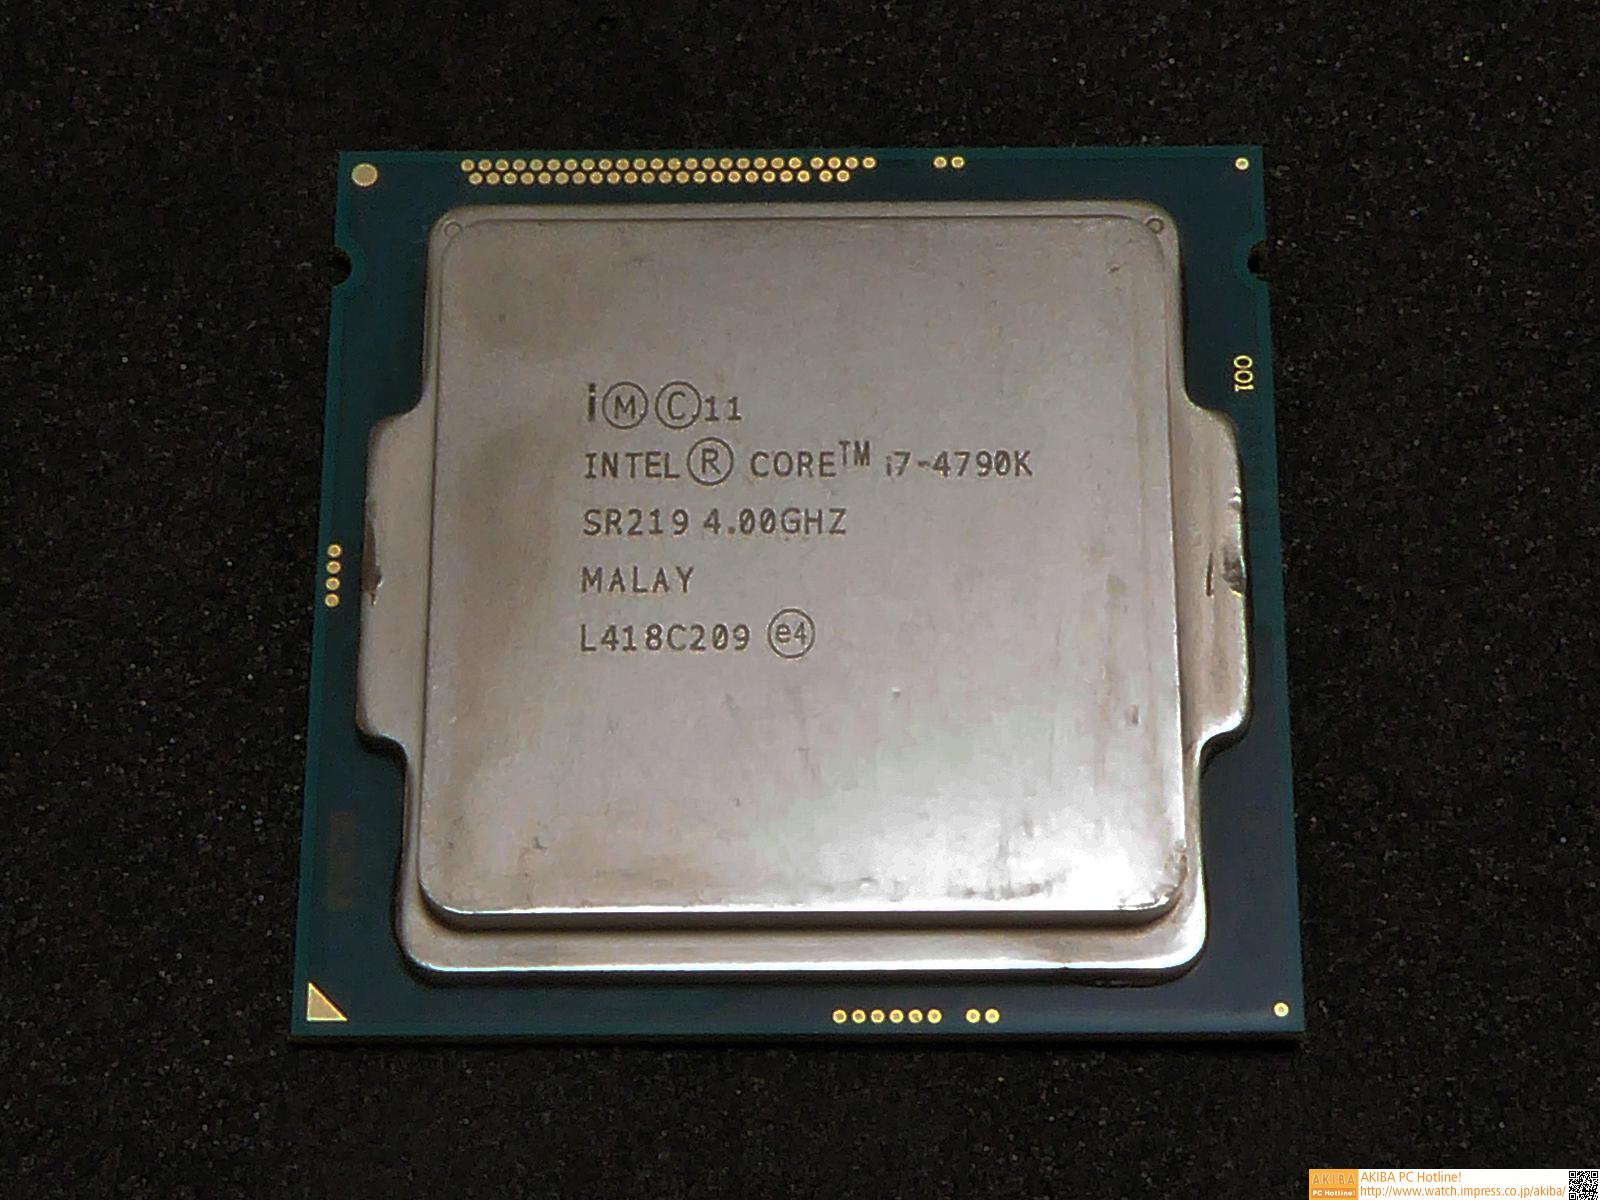 """<strong class="""""""">CPU:Intel <a class="""""""" href=""""http://ark.intel.com/ja/products/80807/Intel-Core-i7-4790K-Processor-8M-Cache-up-to-4_40-GHz?q=Core%20i7-4790K"""">Core i7-4790K</a></strong><br class="""""""">第4世代CoreマイクロアーキテクチャベースのLGA1150 CPUの中で現在最上位に位置するクアッドコアCPU。Hyper-Threadingによって8スレッドの同時実行が可能だ。動作クロックも、シリーズ最高の4GHz、Turbo Boost時には最大4.4GHz駆動となる。なお、型番末尾の「K」は、オーバークロック対応を表わしている。Core i7-4790Kではとくに、CPUダイと、そのカバーであるヒートスプレッダの間に、ほかのIntel CPUのものよりも熱伝導率の高い特別のペーストを塗布しており、オーバークロック性能を引き上げている。"""